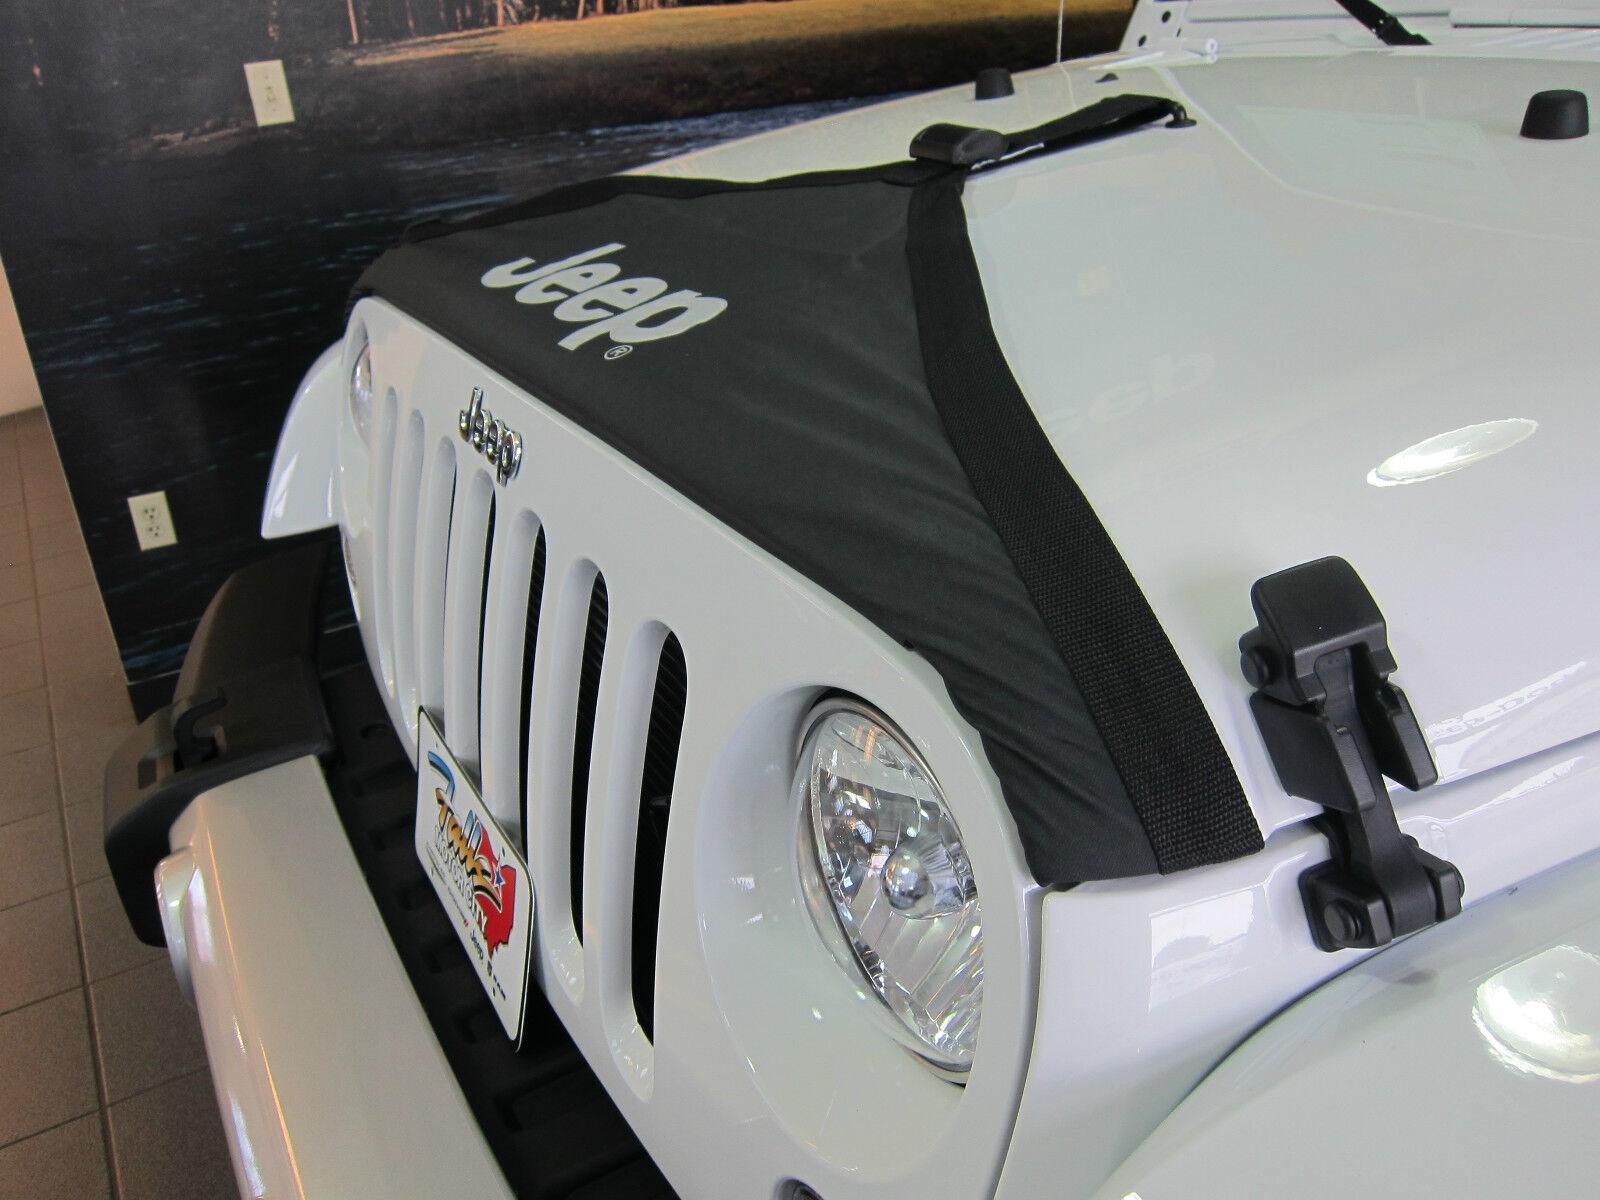 T Ec F W E Sznw Bvbsbkl Vpw on Chrysler Sebring Logo